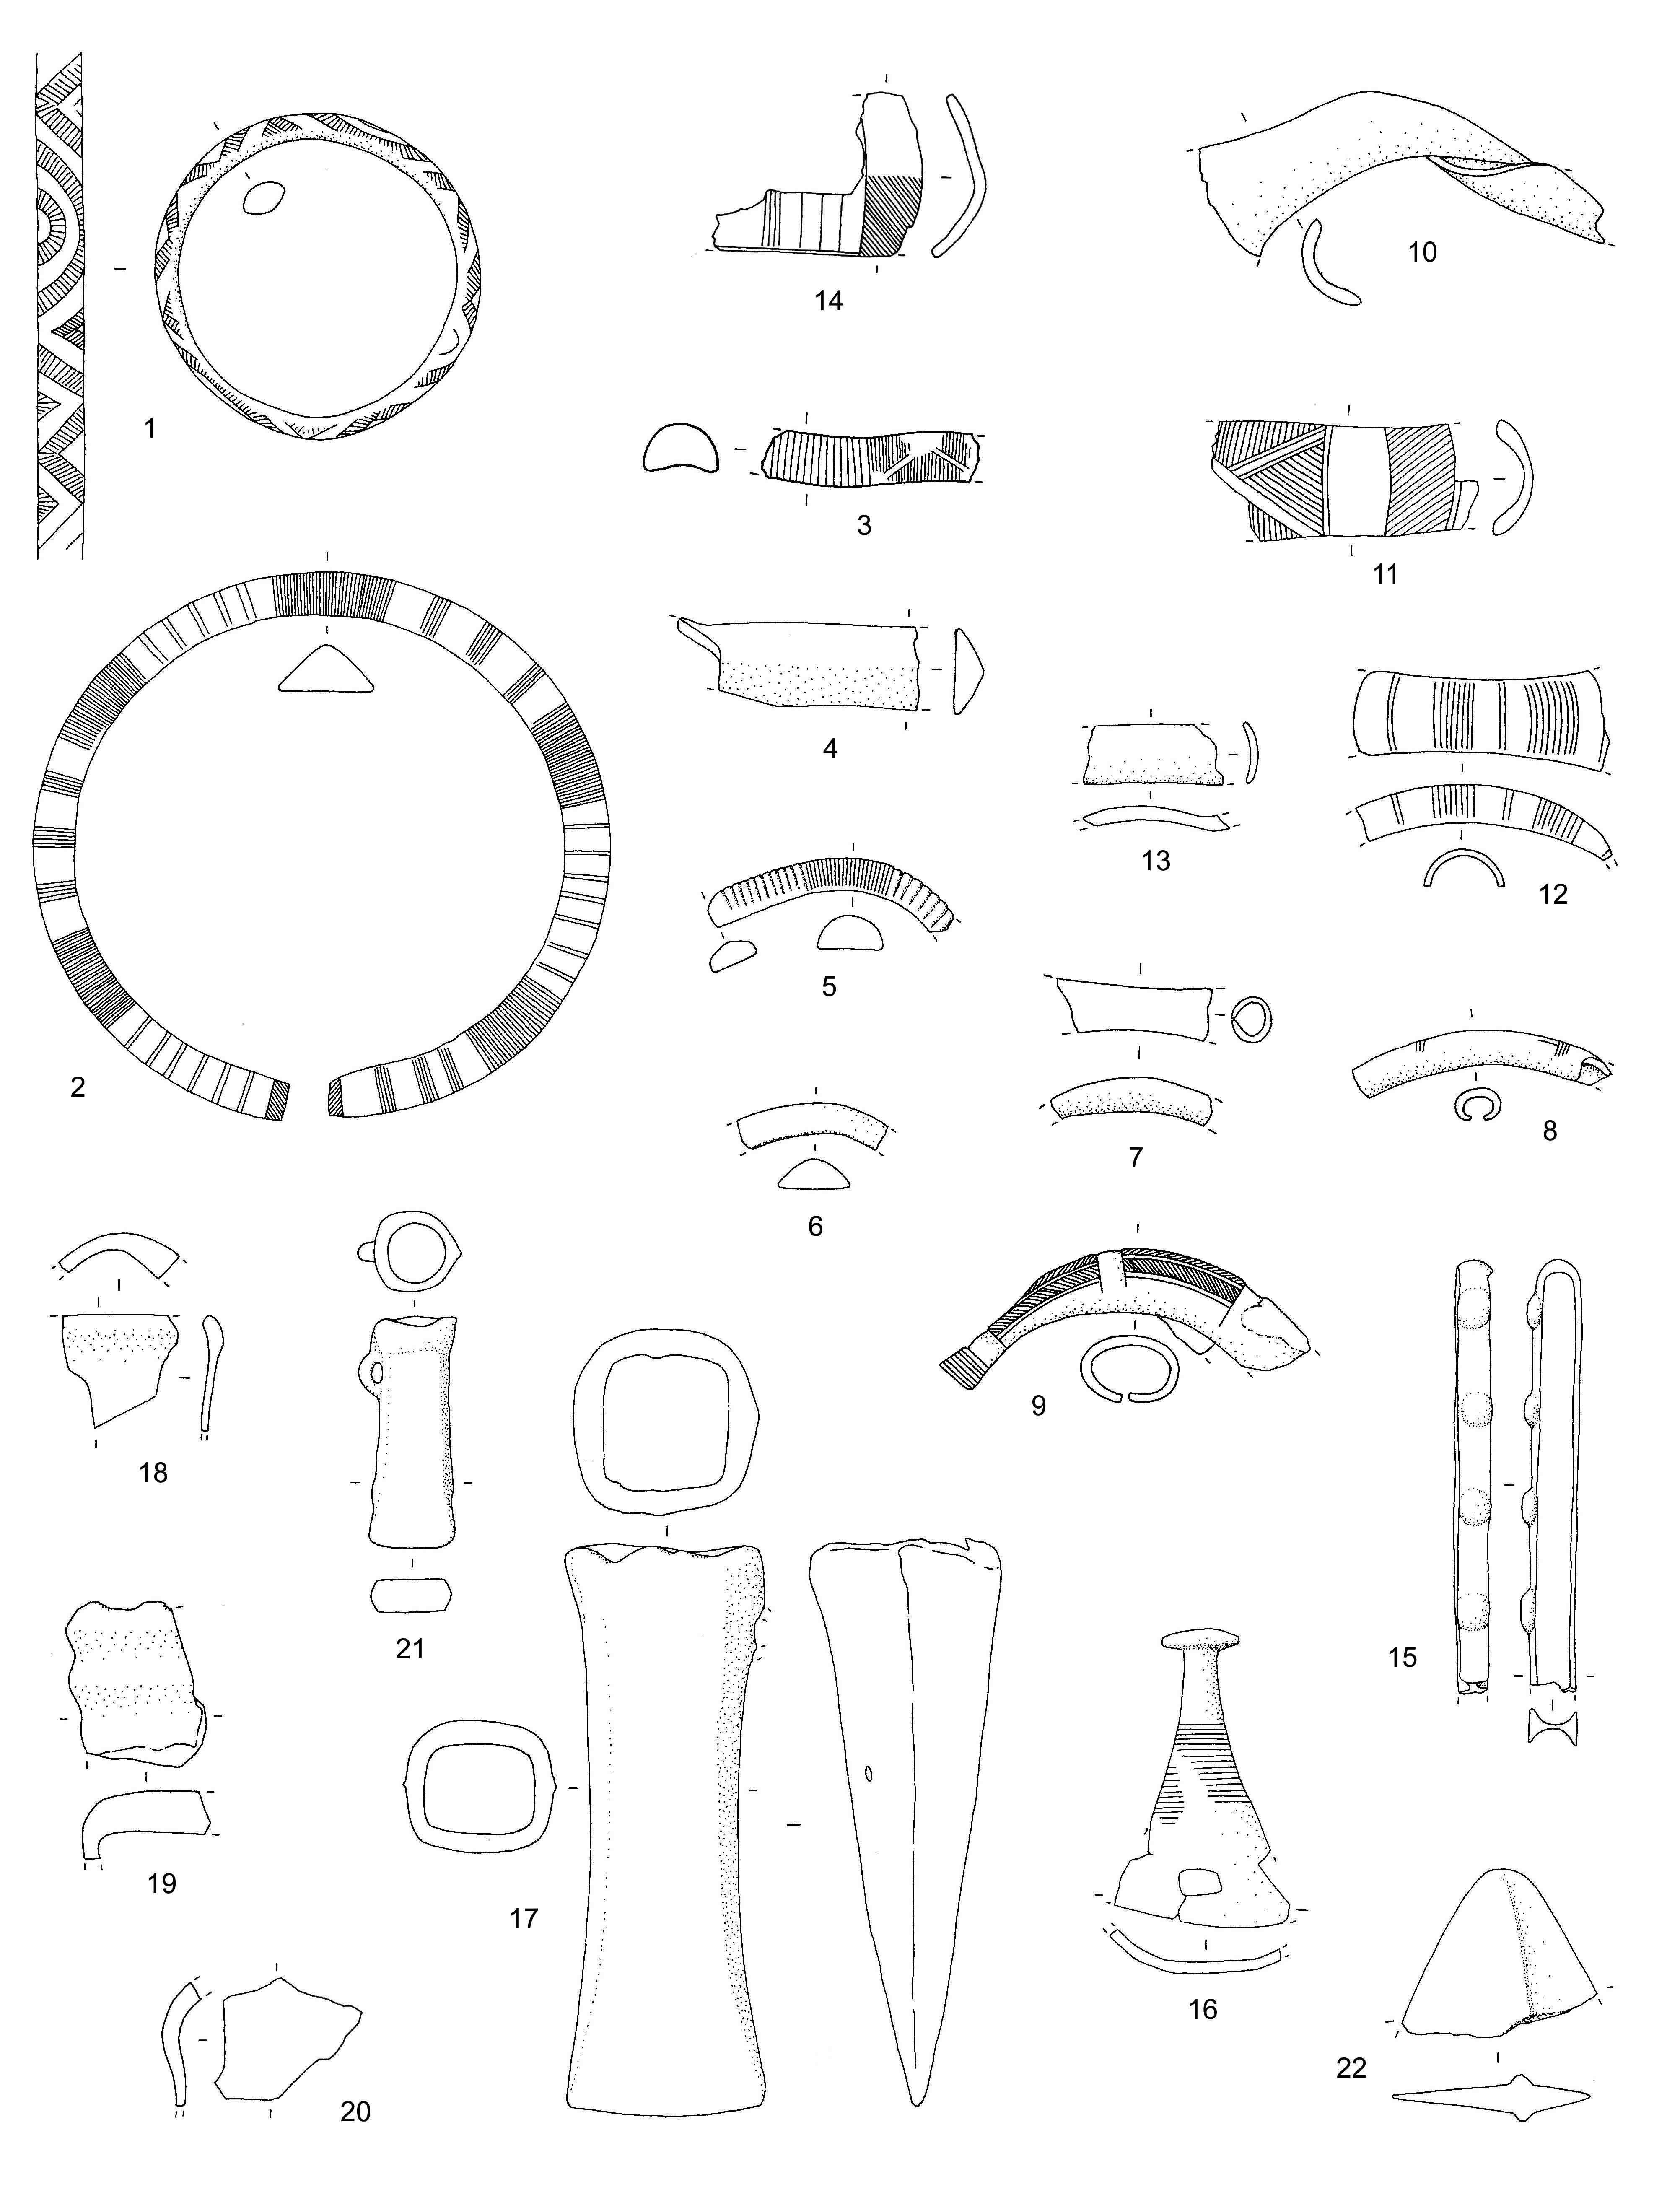 isotopes datant des objets anciens en ligne datant pire que la vie réelle